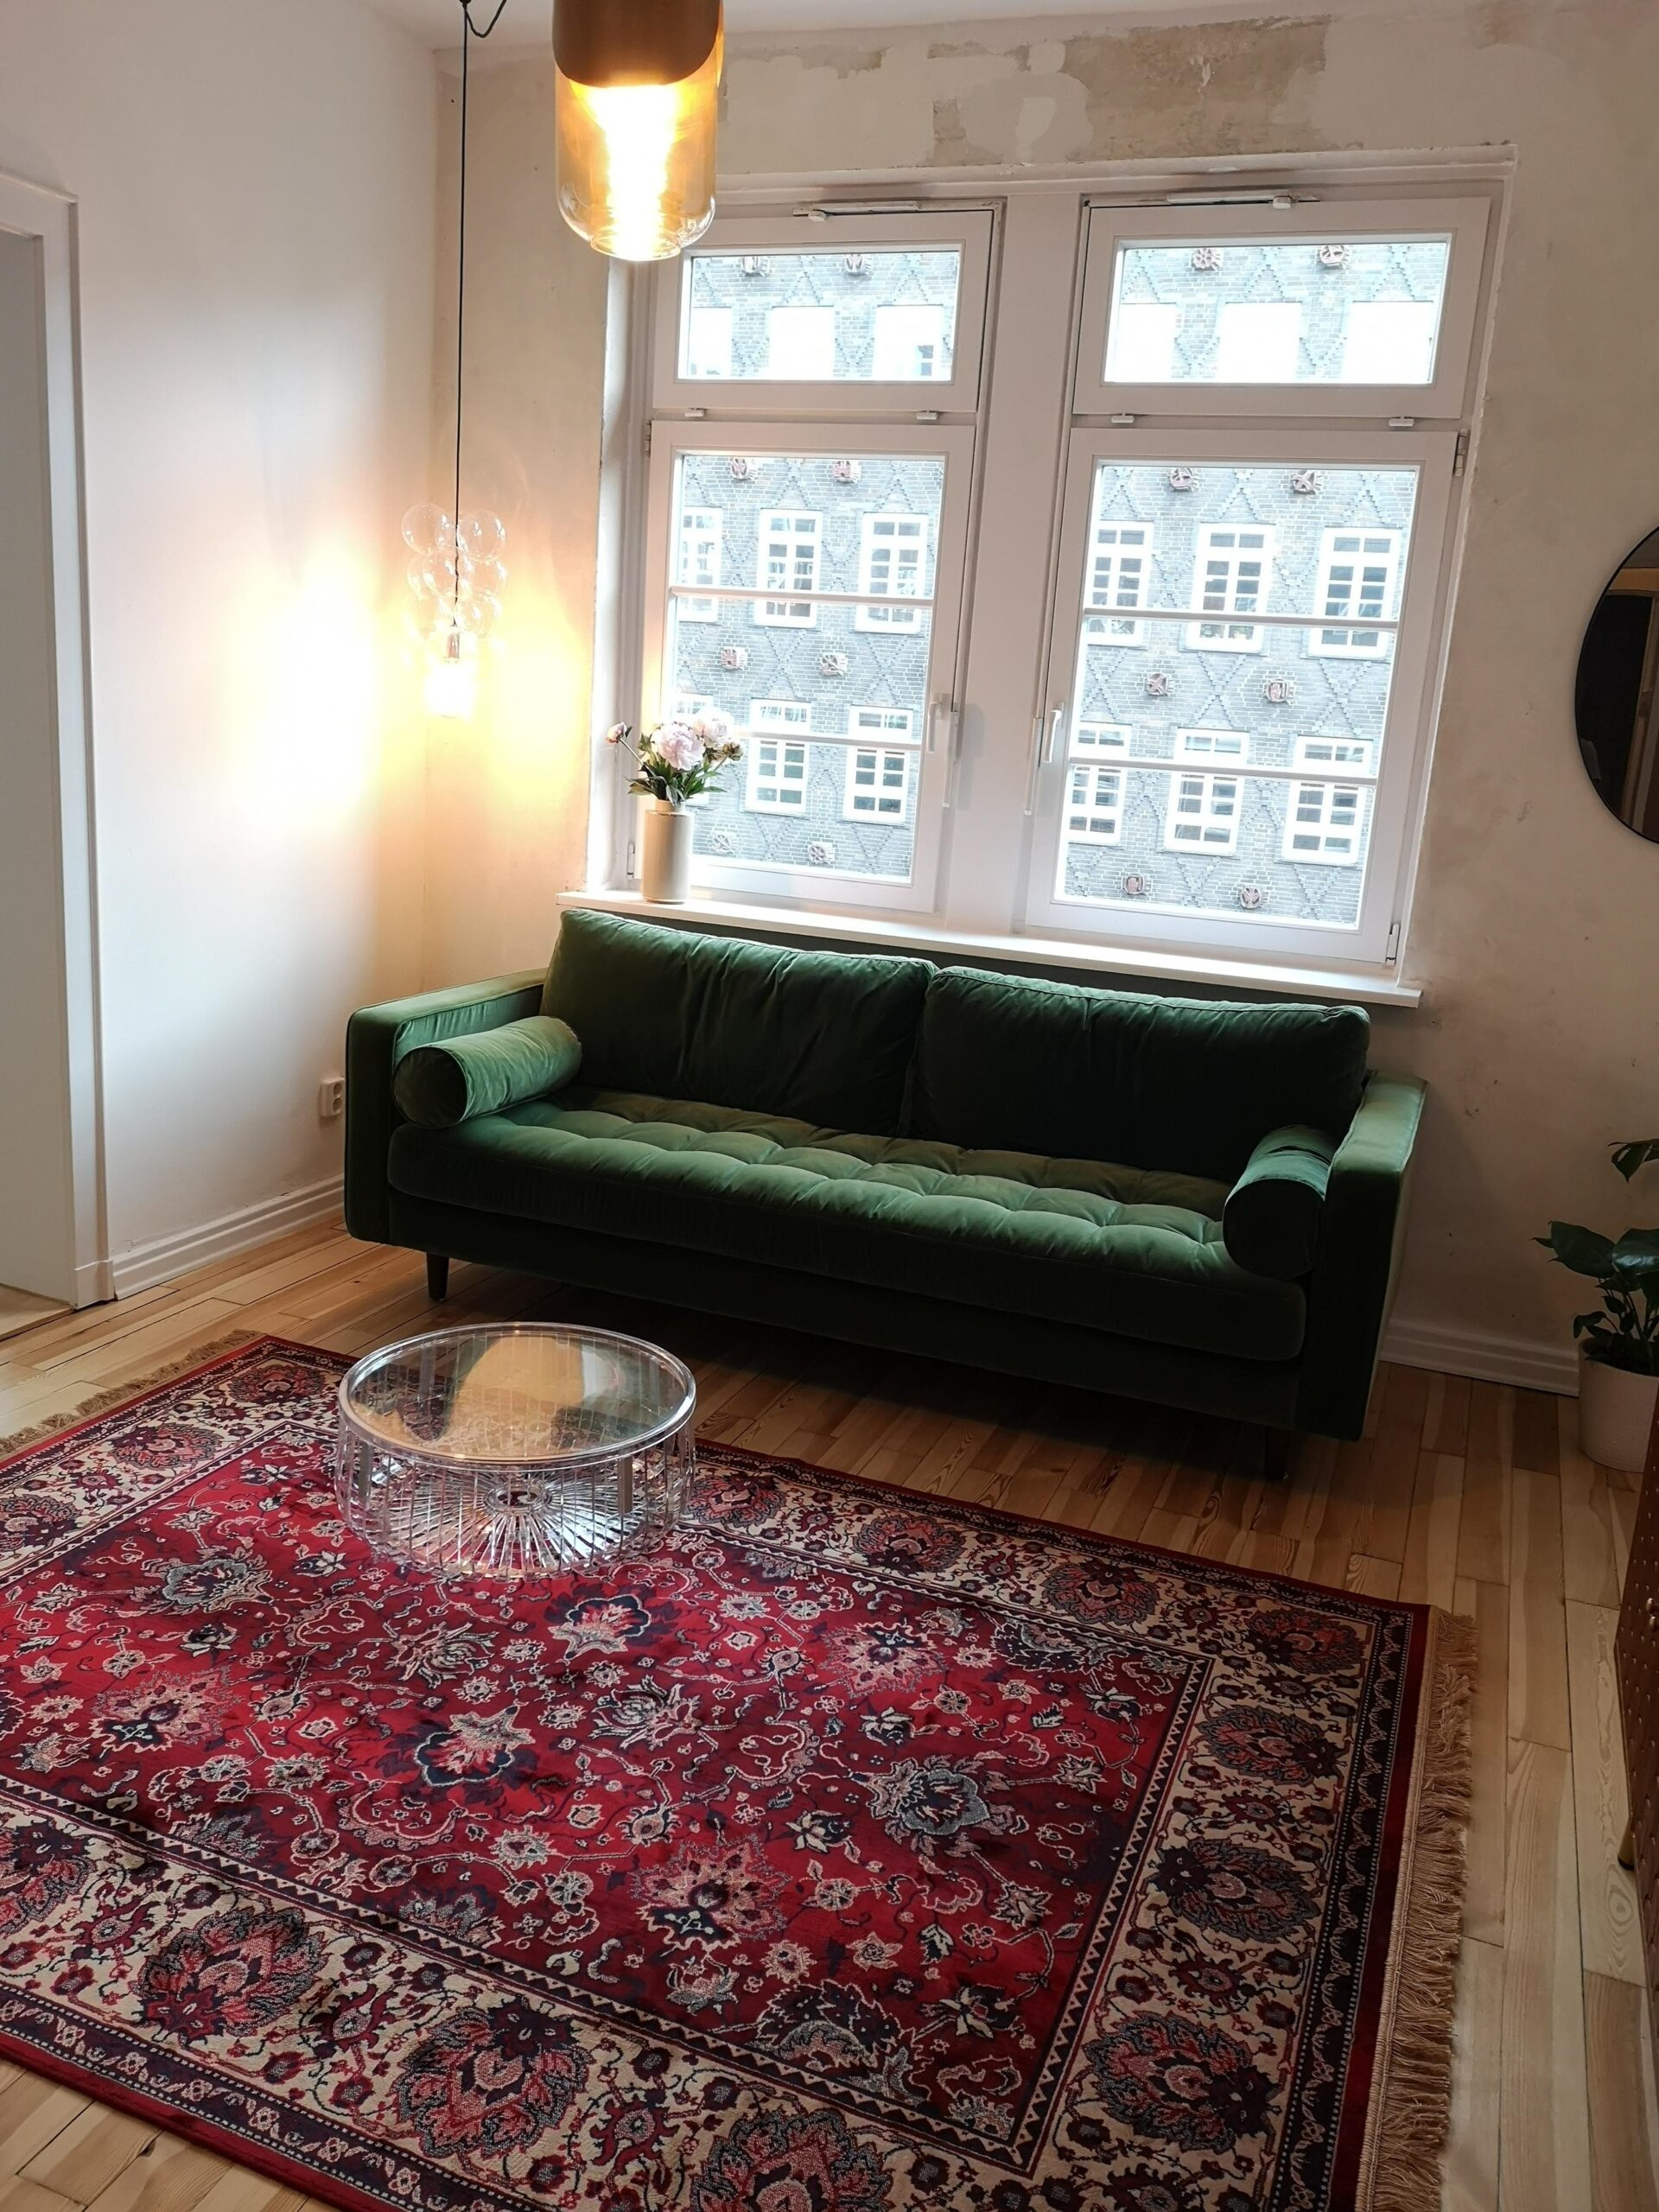 Full Size of Miniküche Ideen Minikche Bilder Couch Bad Renovieren Mit Kühlschrank Ikea Stengel Wohnzimmer Tapeten Wohnzimmer Miniküche Ideen